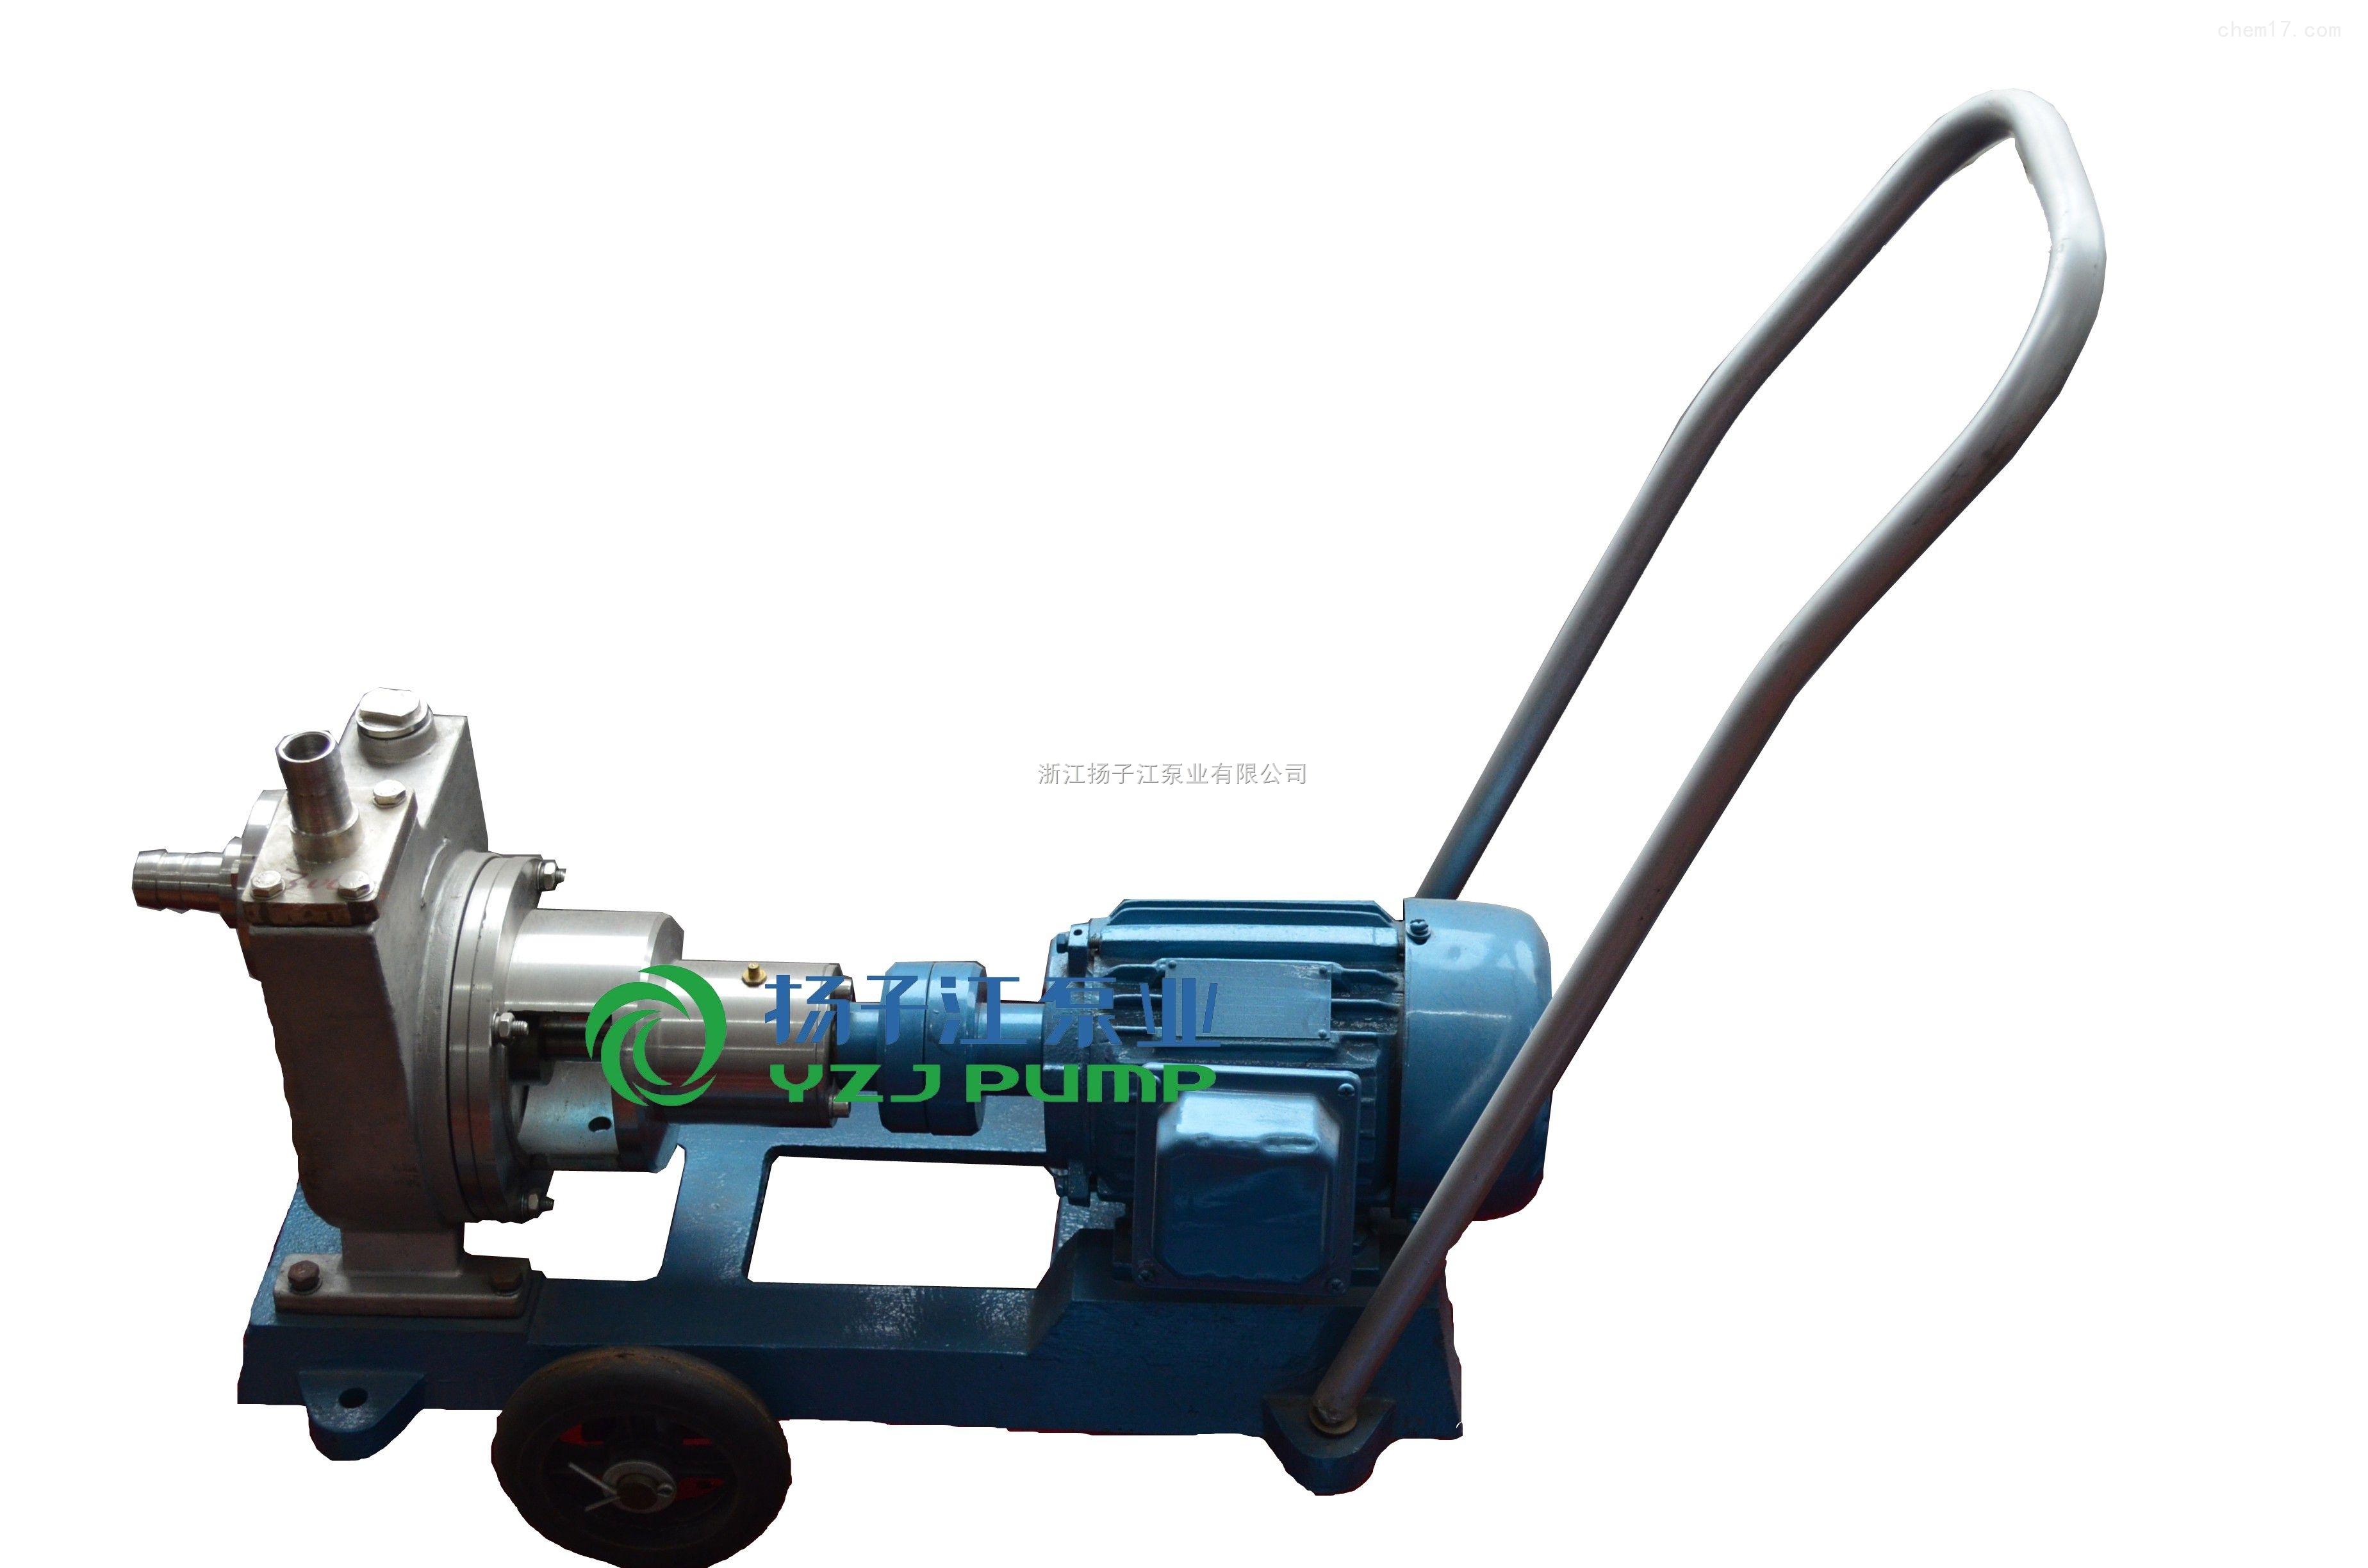 不锈钢移动自吸泵┃酒精-不锈钢酒泵-耐腐蚀自吸泵-防爆自吸泵